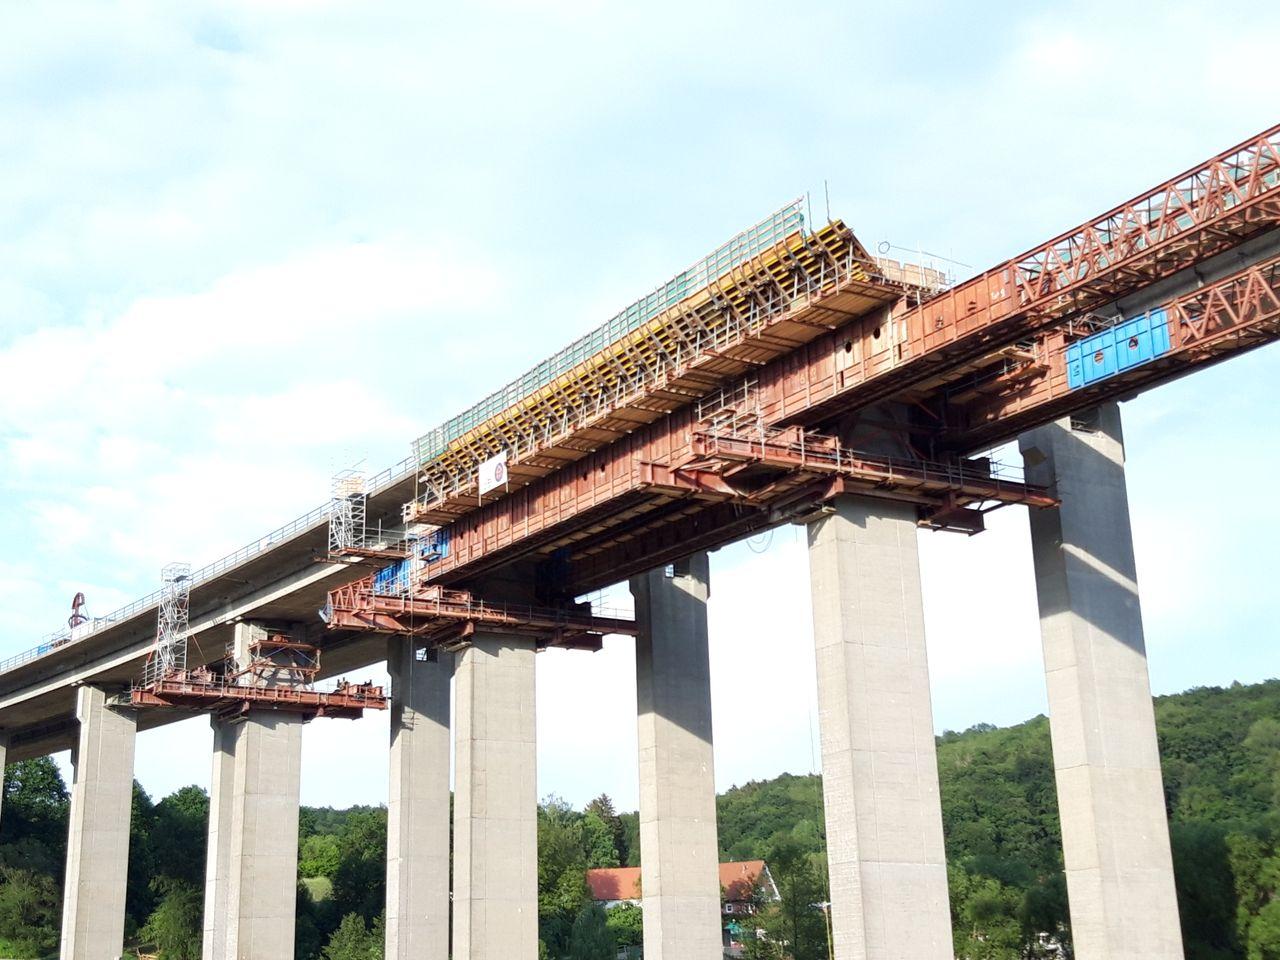 Strand jacks, movable scaffolding